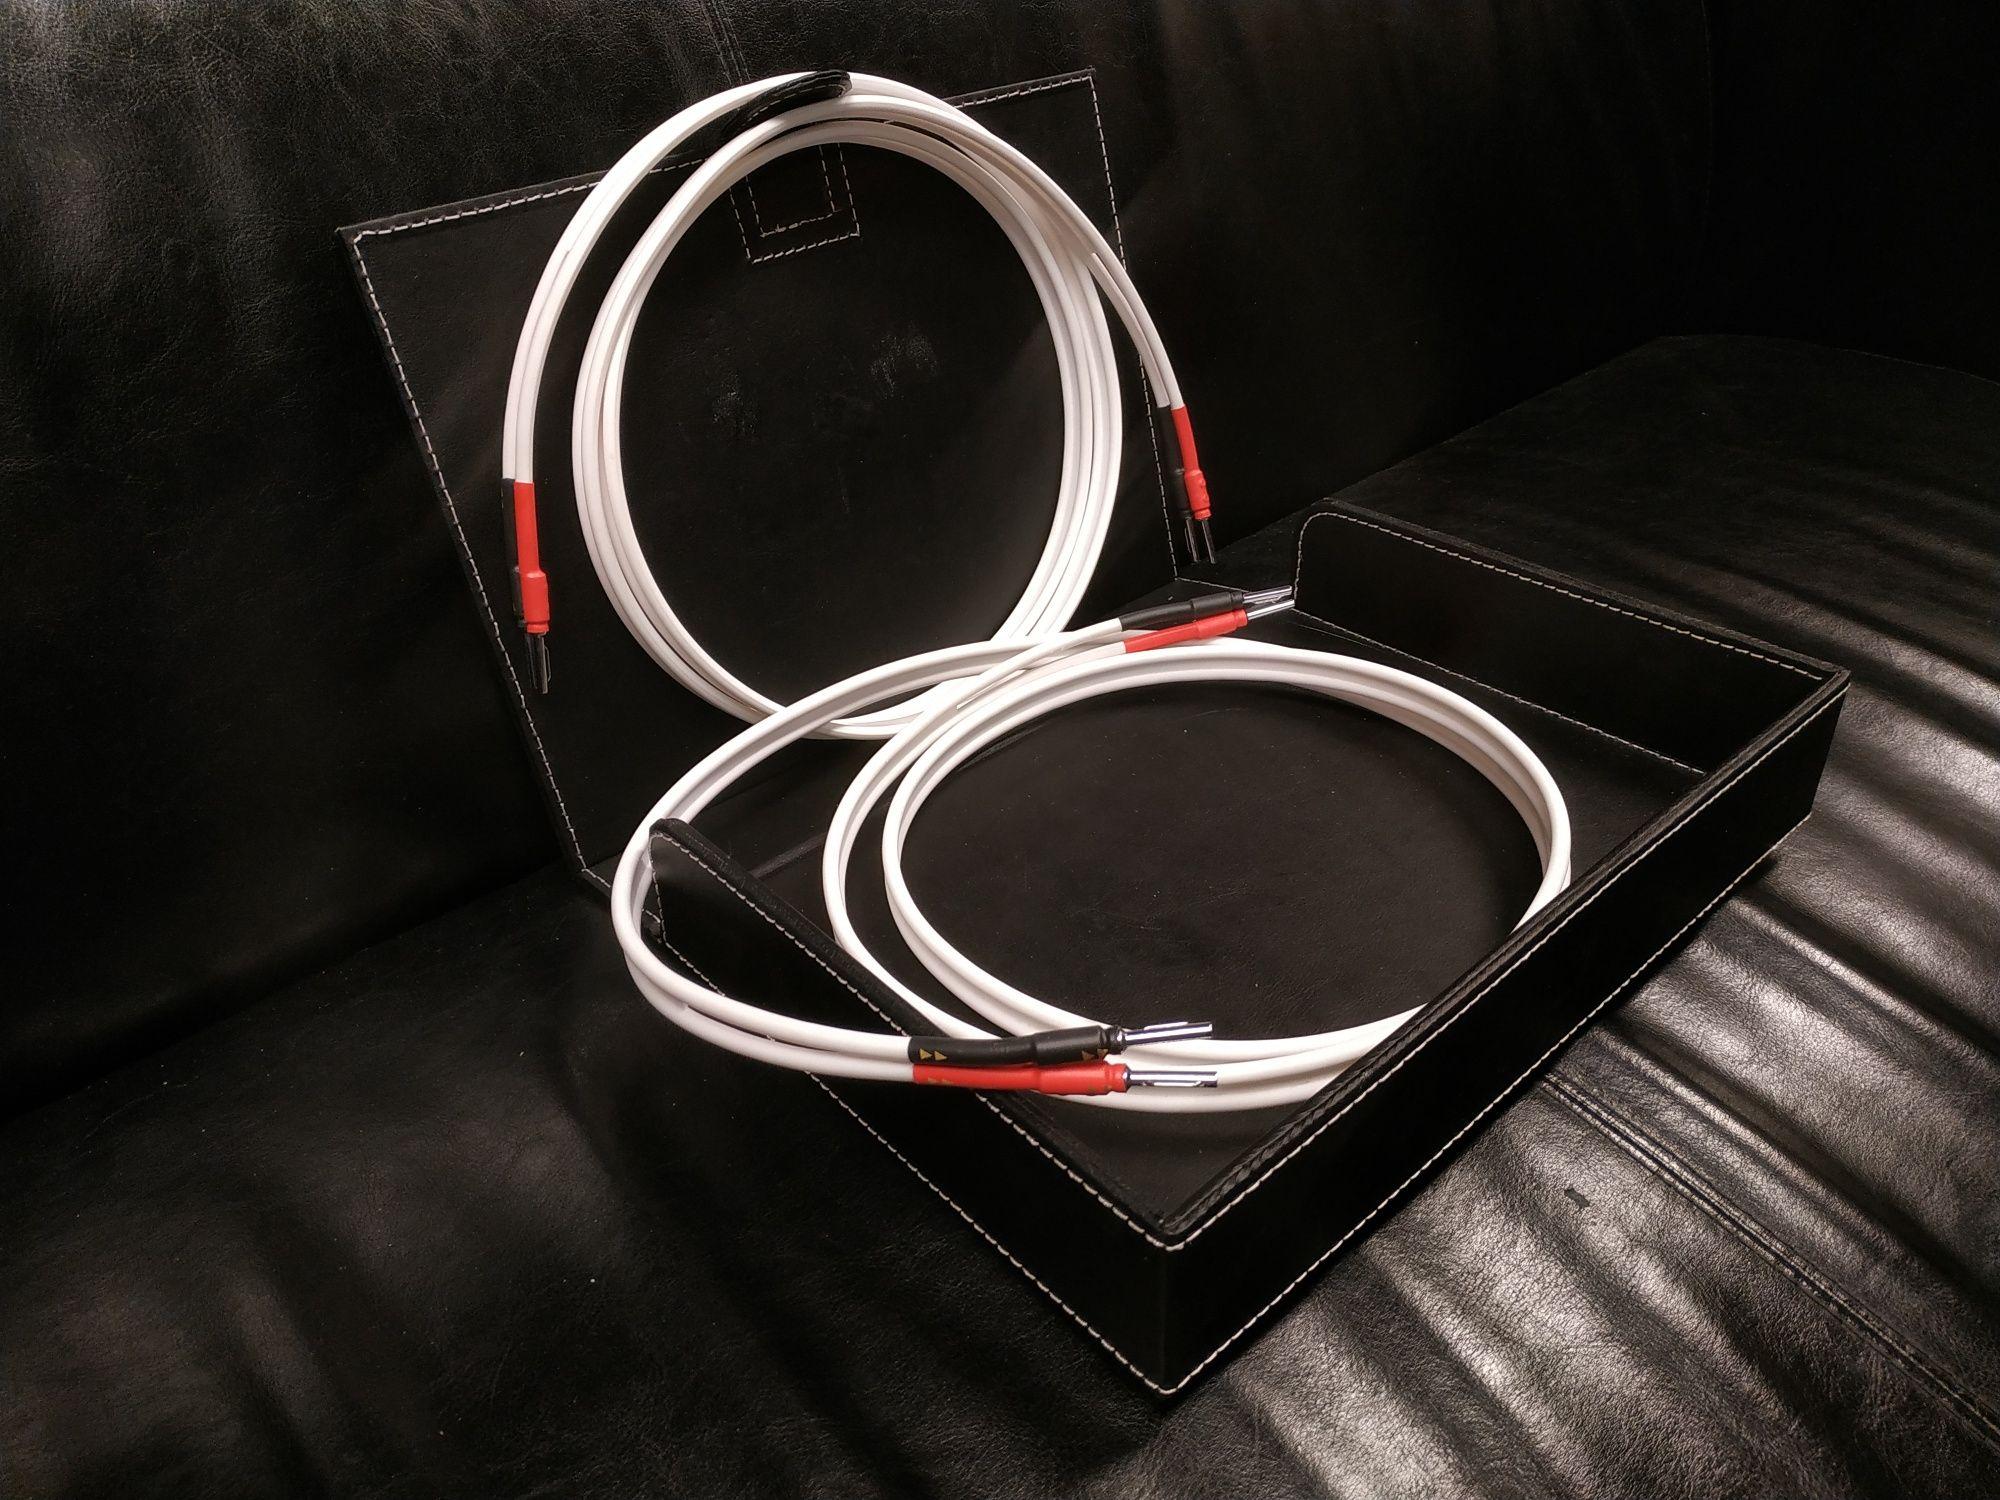 Naim Nac A5 kable głośnikowe konfekcja sklep Wrocław Trans Audio Hi-Fi